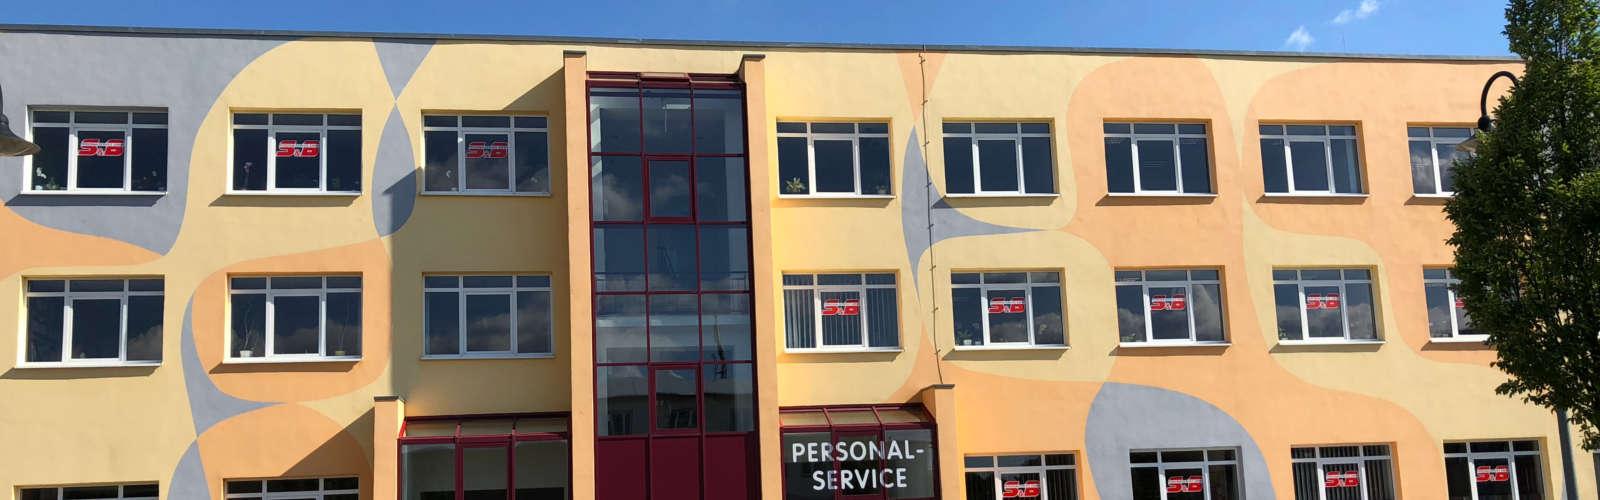 Firmengebäude der S&B Personalservice GmbH in Gotha